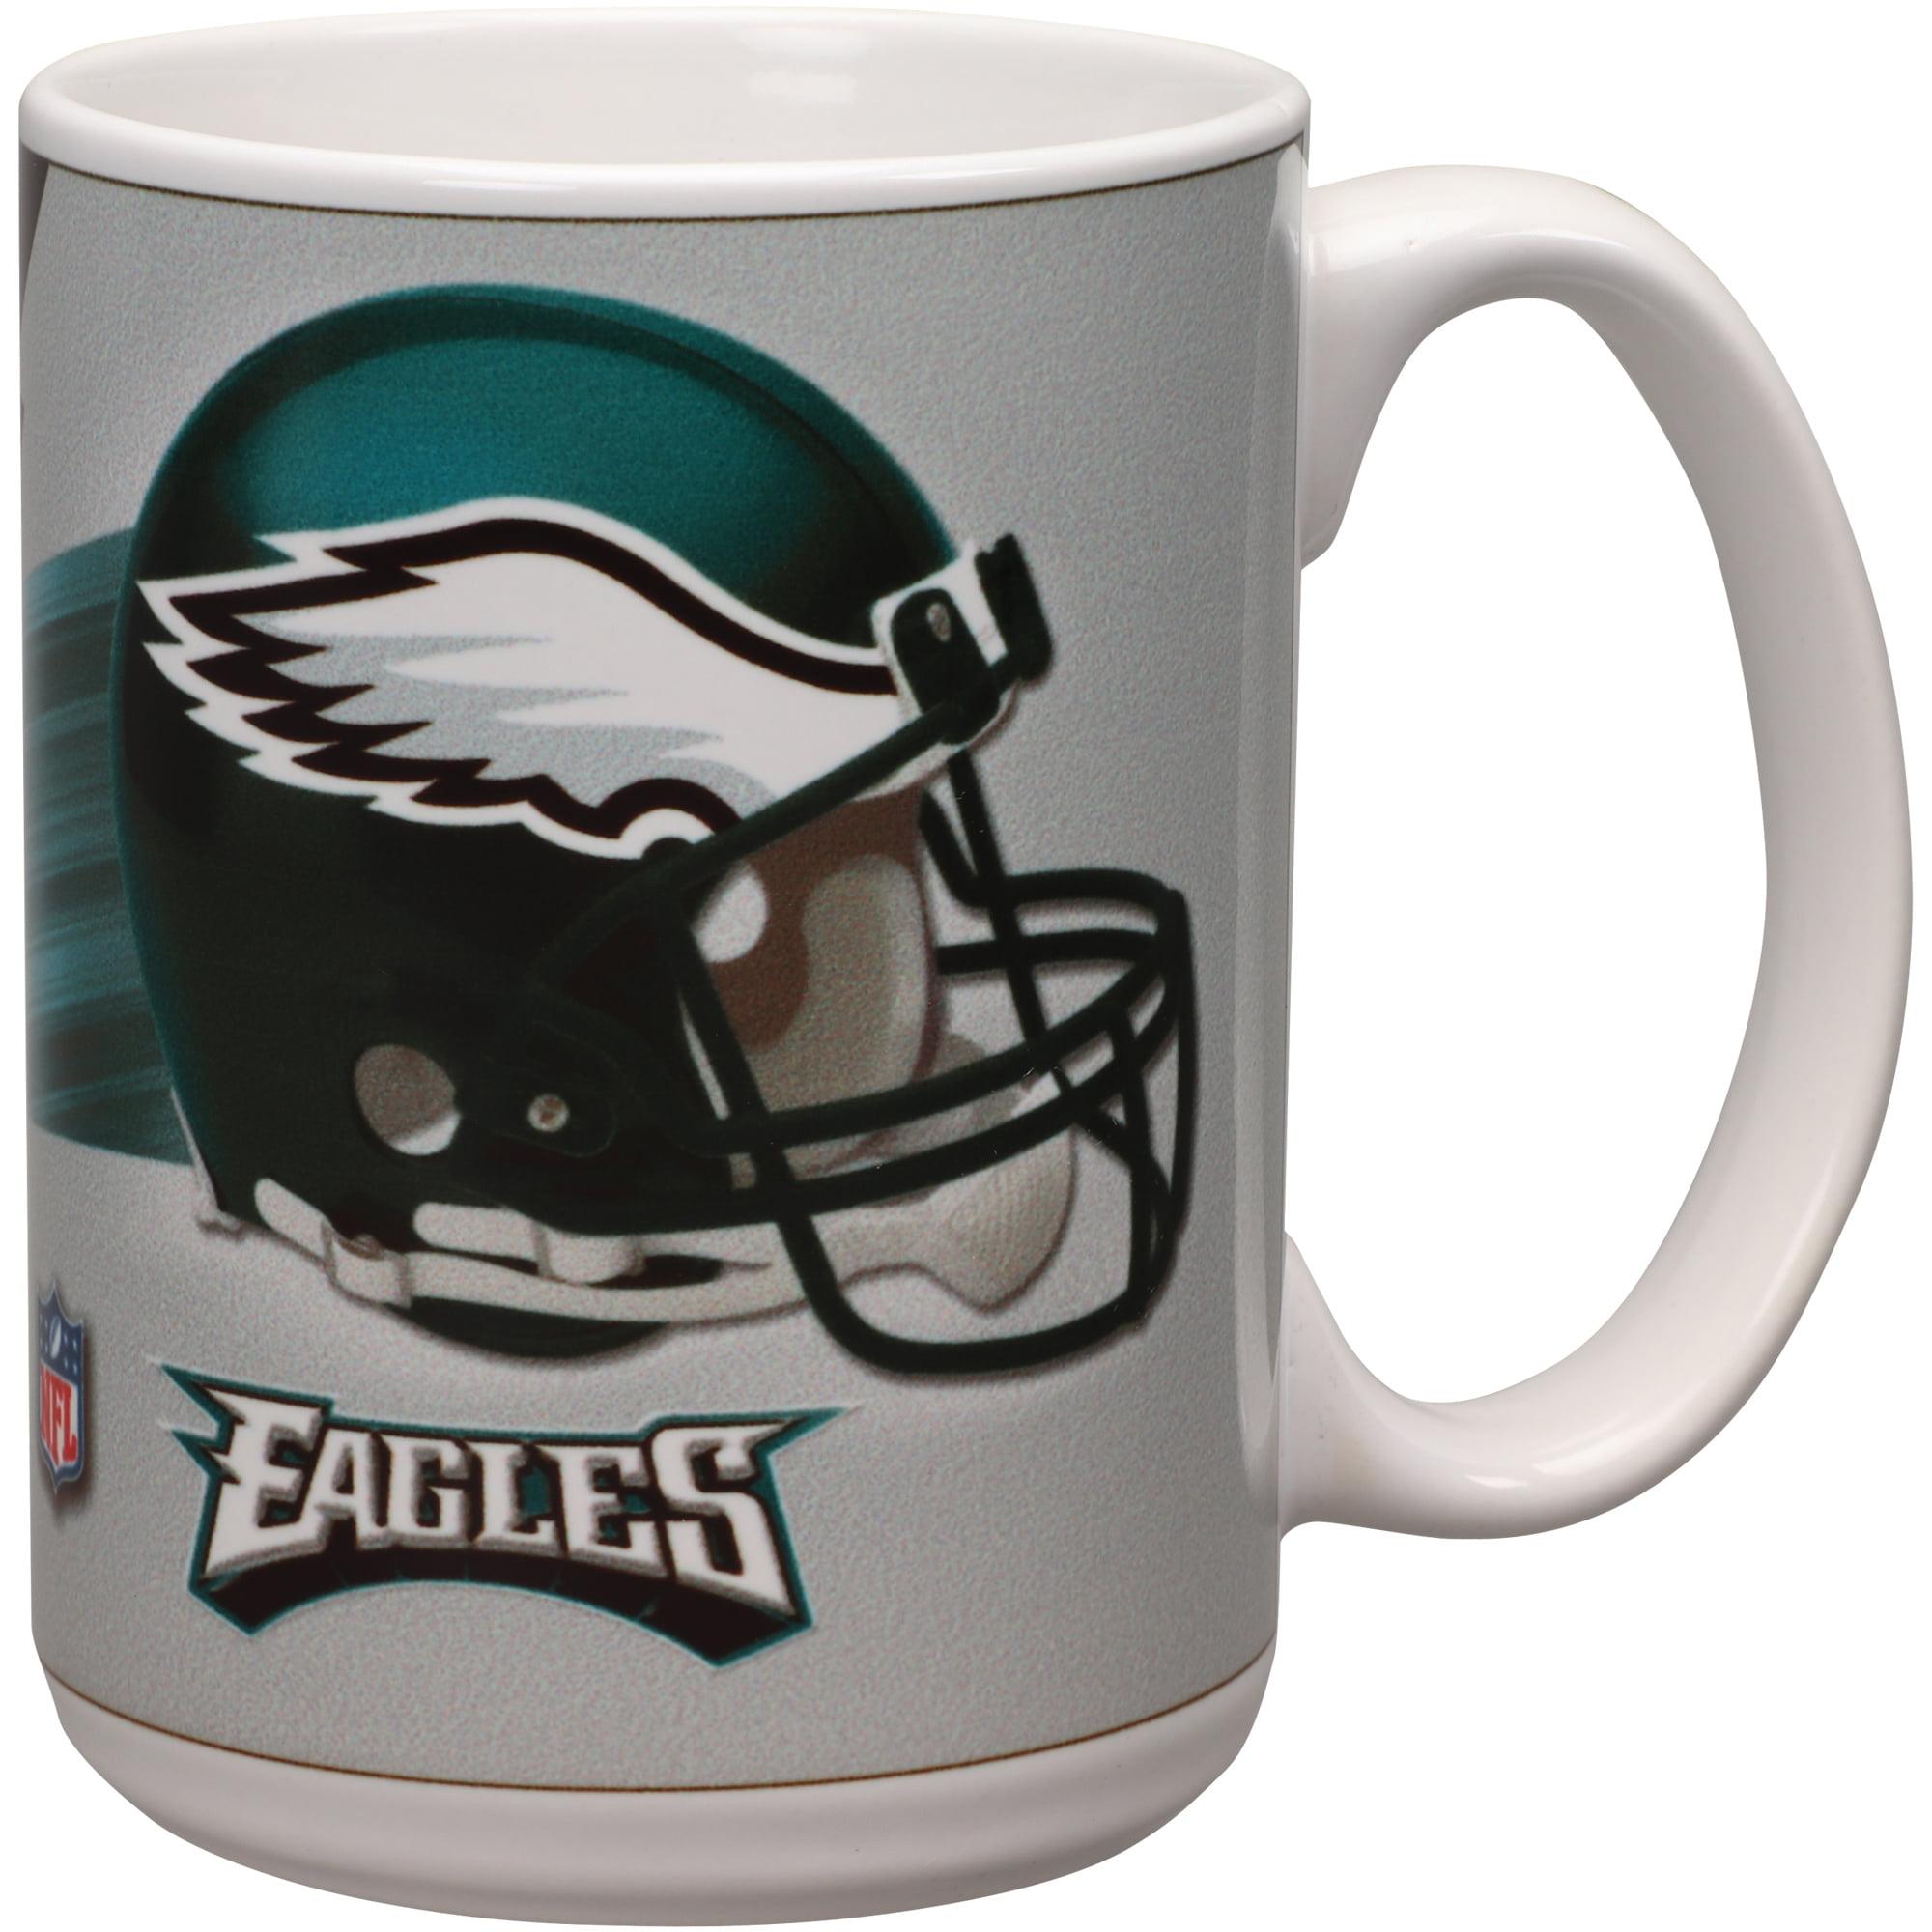 Philadelphia Eagles 15oz. Team 3D Graphic Mug - No Size